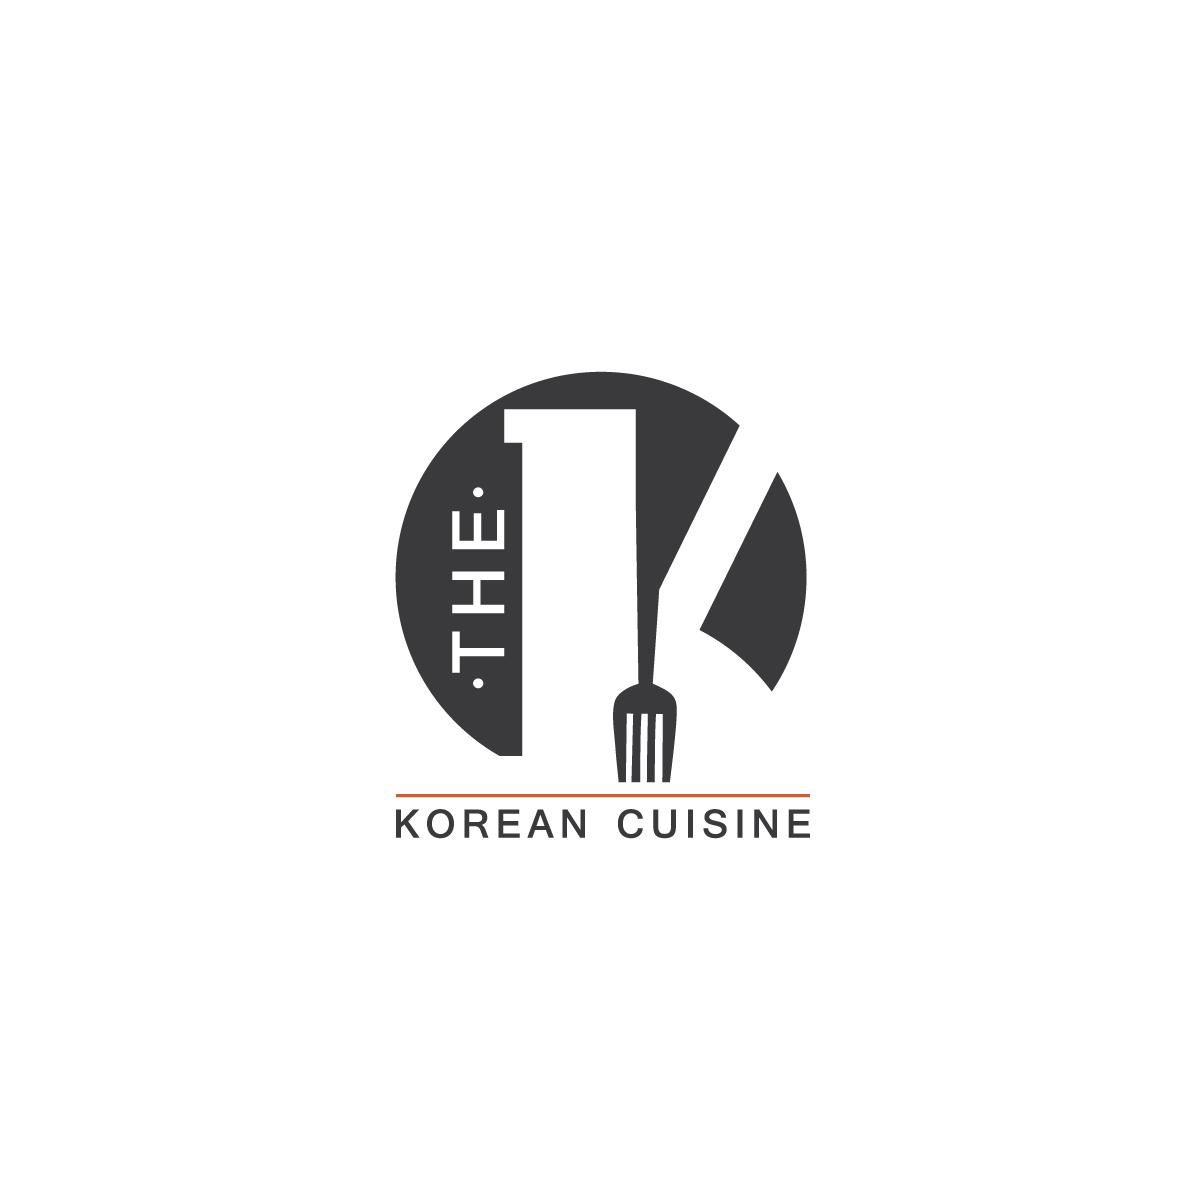 Modern Professional Restaurant Logo Design For The K Korean Cuisine By Winningentry Design 18101174